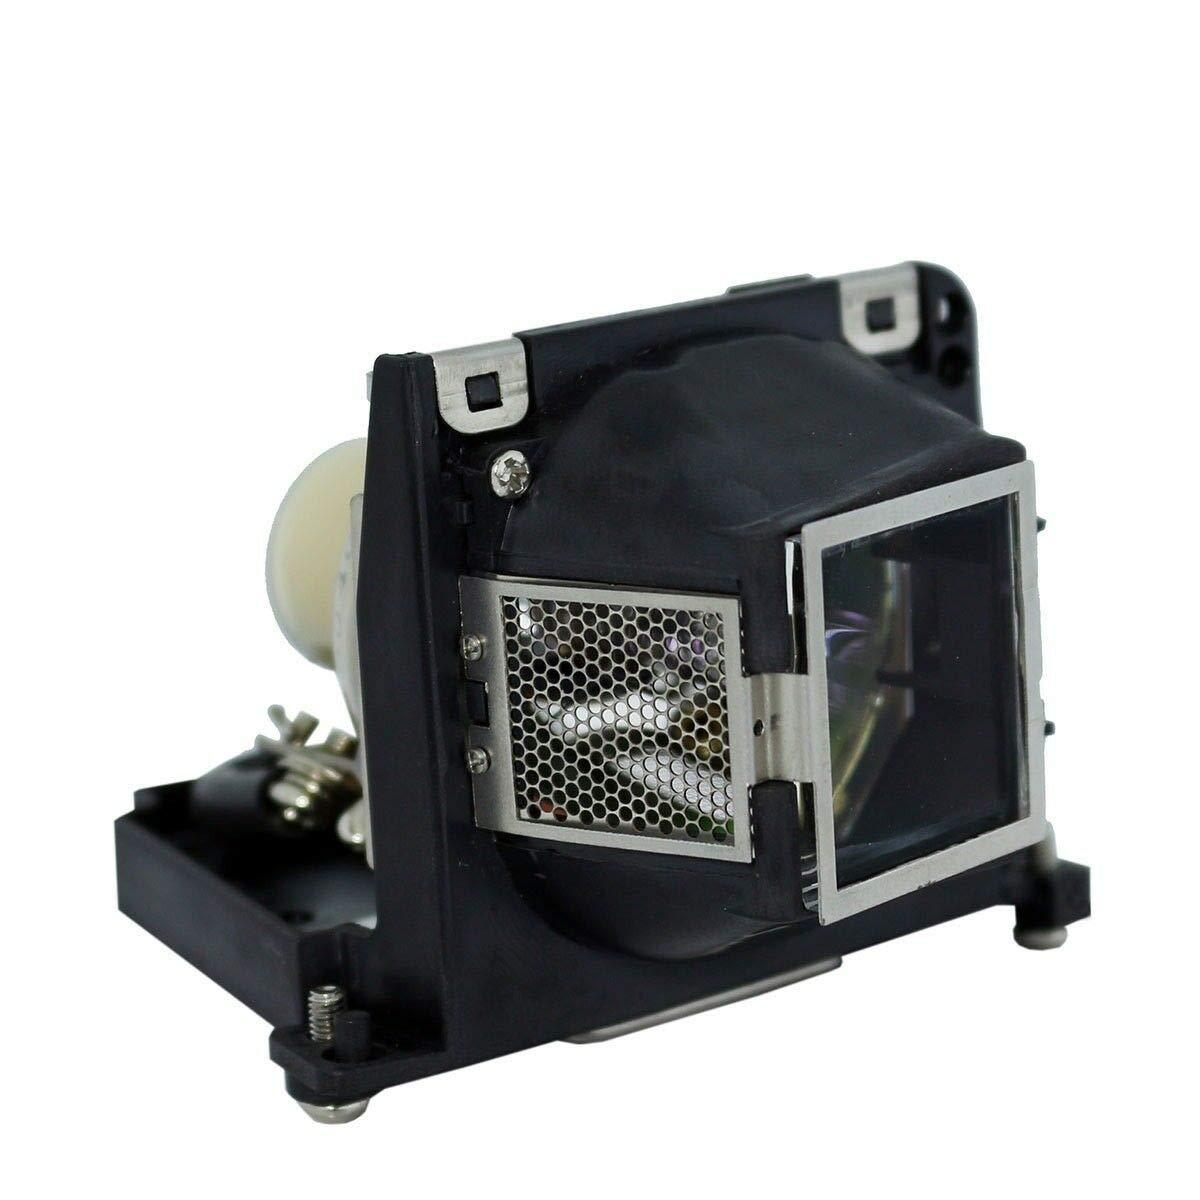 CTLAMP 310-7522 オリジナルランプバルブ ハウジング付き DELL 1200MP / 1201MP 対応   B07P7VFP39